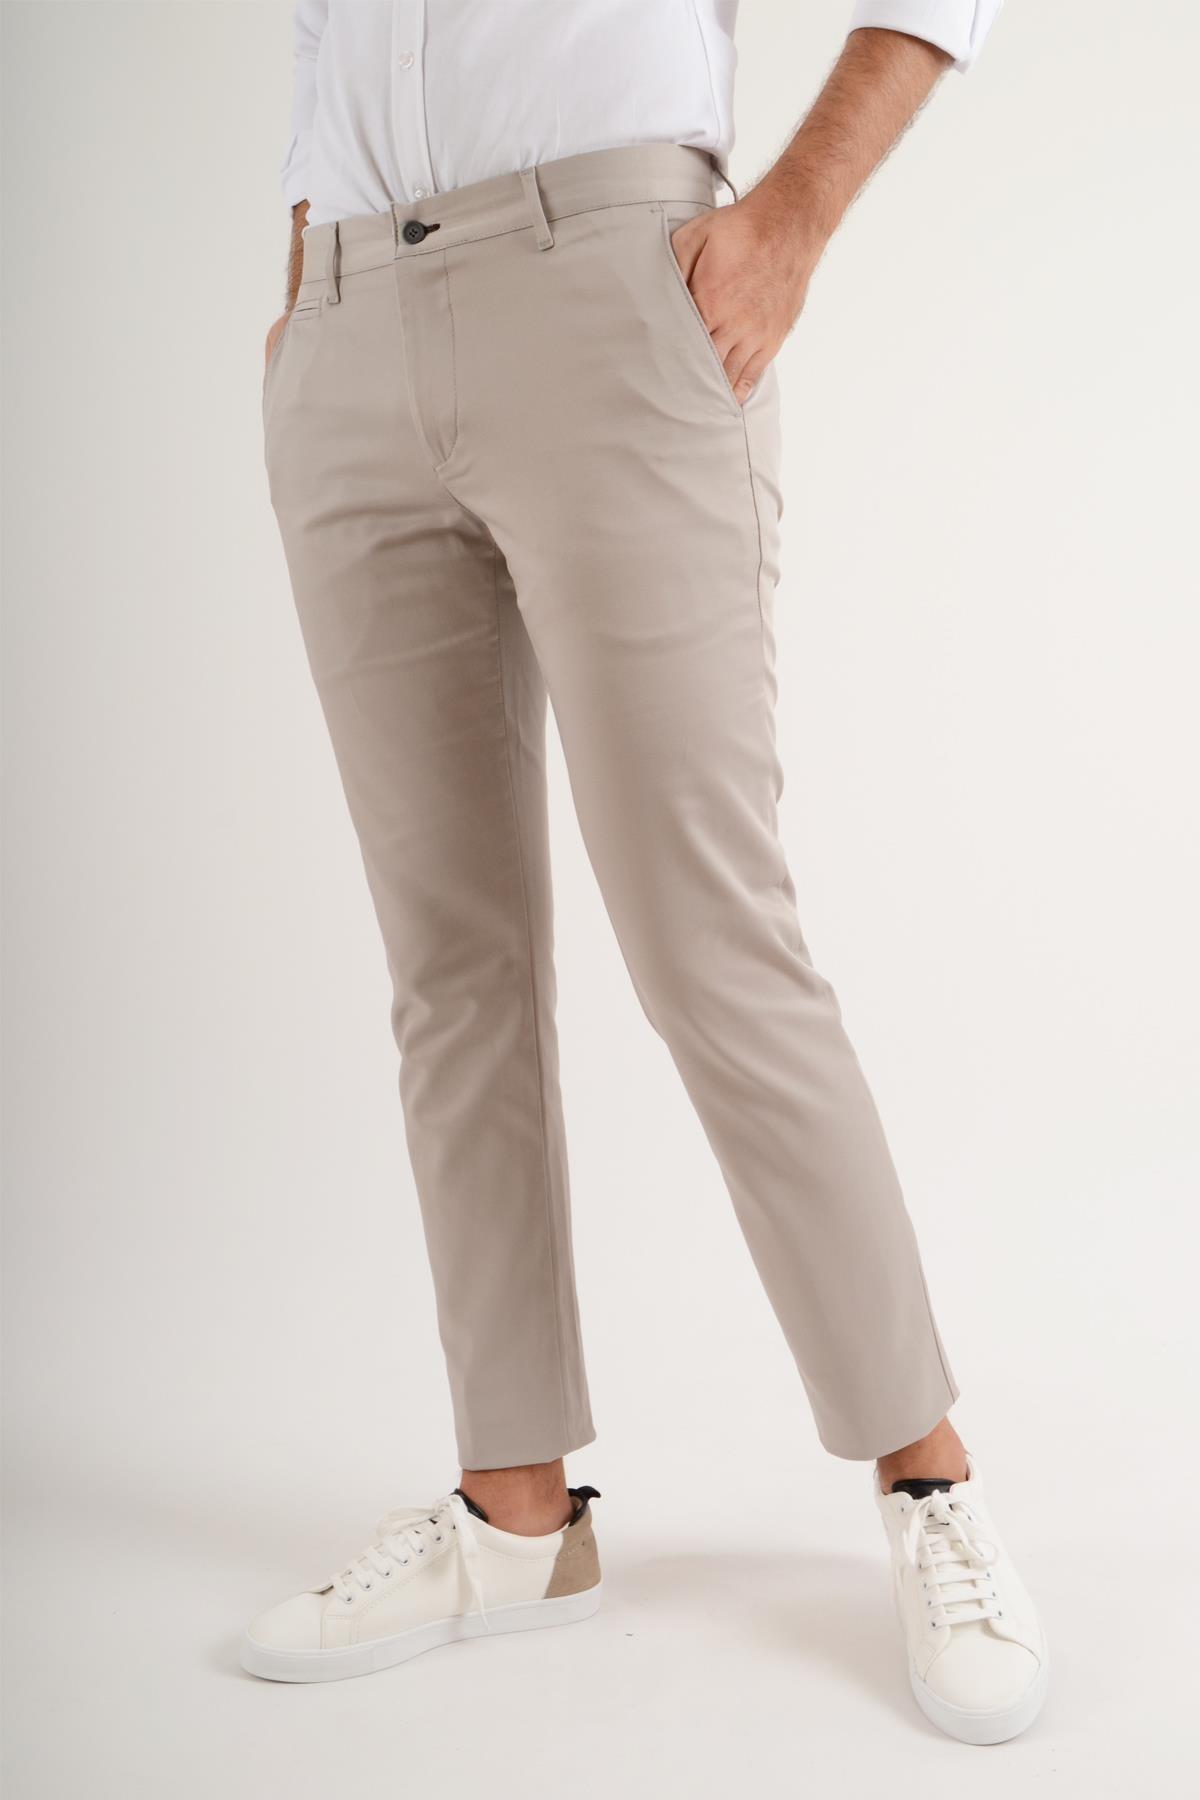 Luppo Club Günlük Kumaş Taş Erkek Pantolon Salacak 1